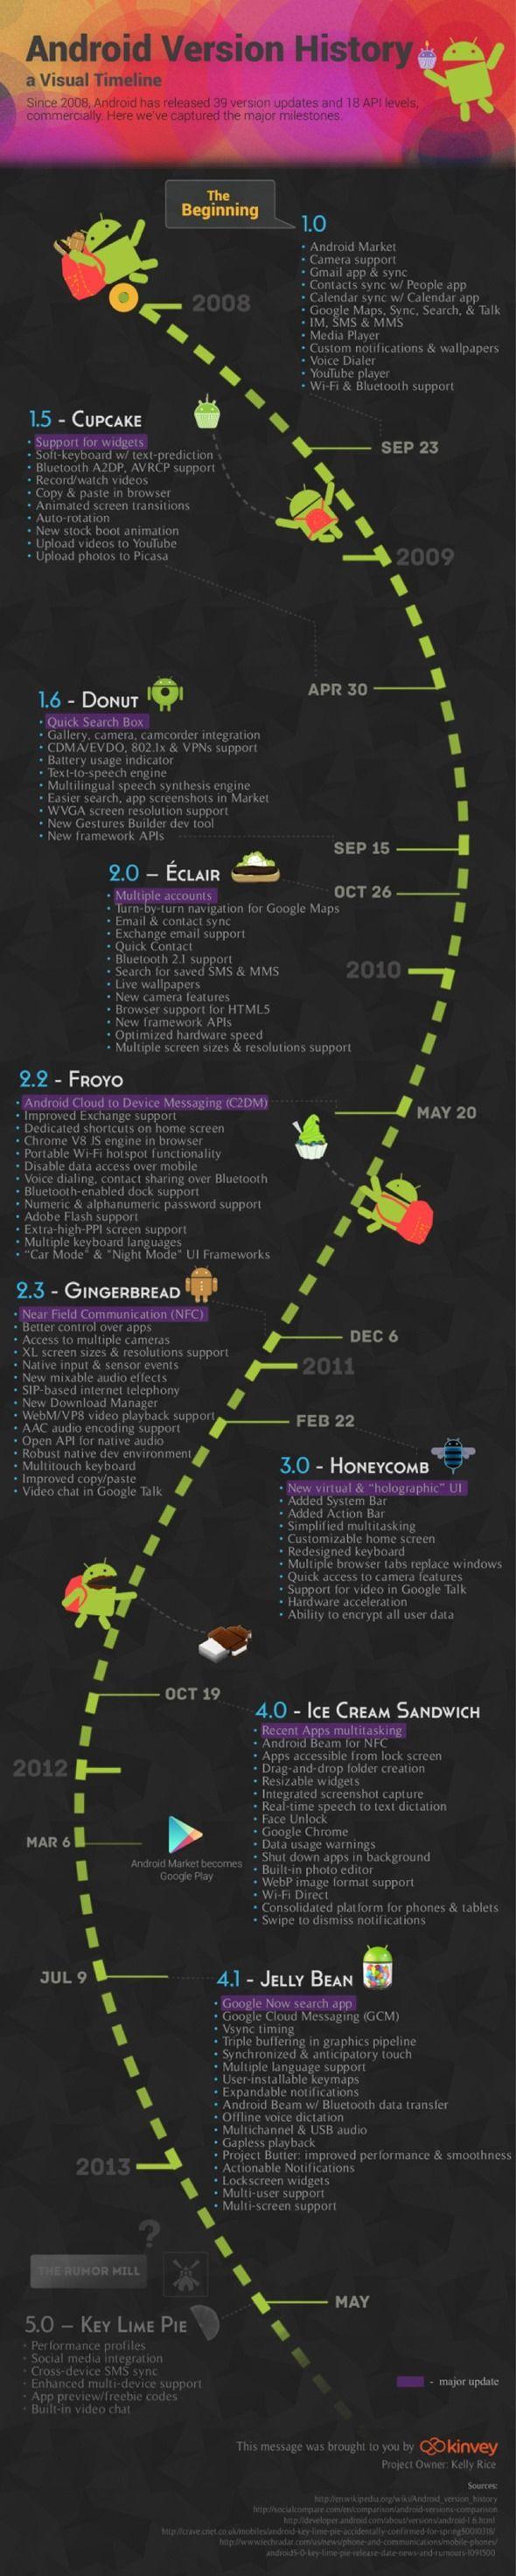 Evolución de Android, desde 1.0 hasta 4.1 (Infografía) 37